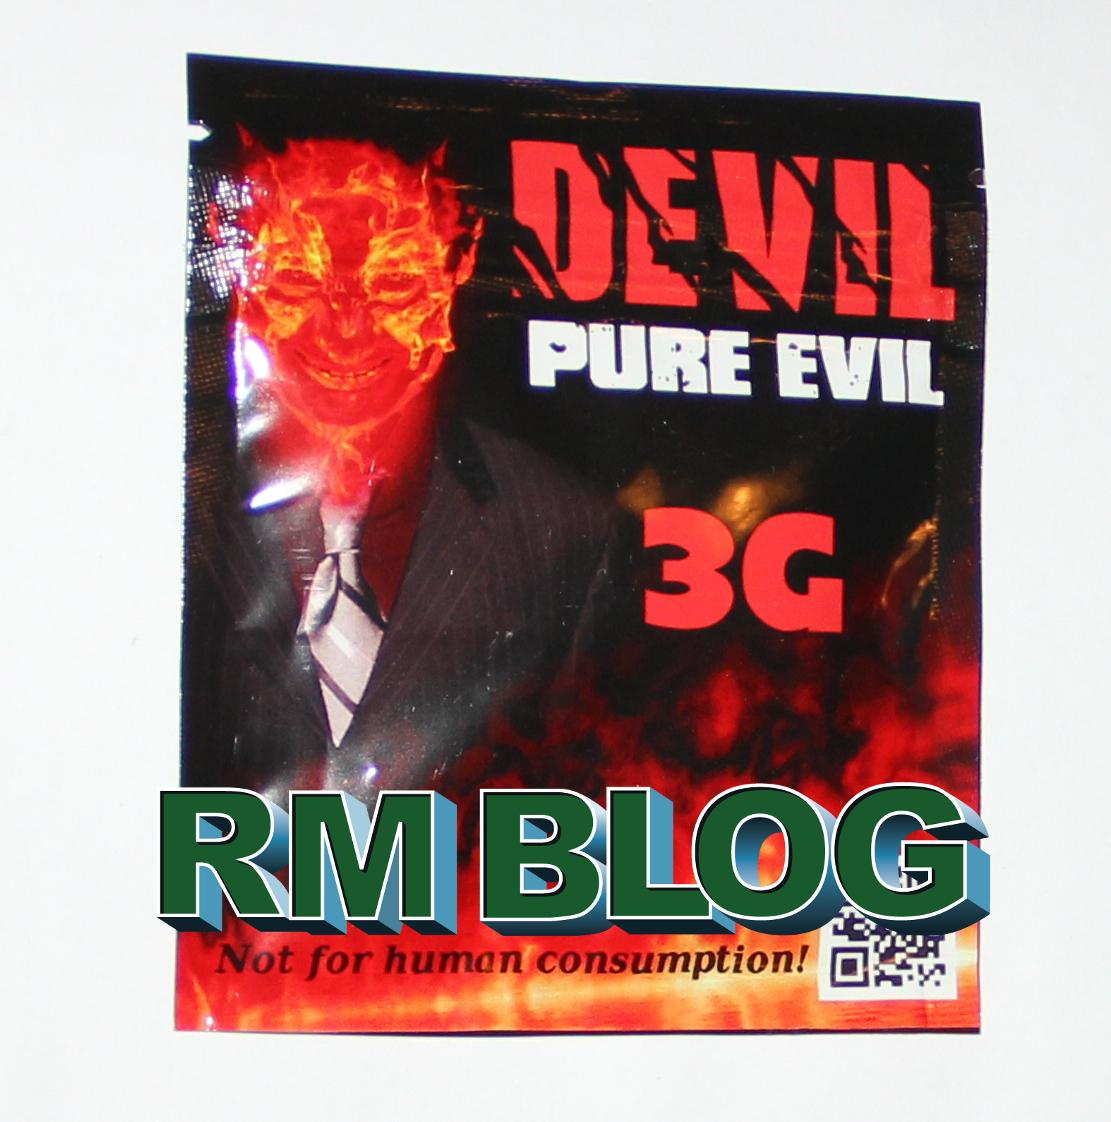 Raeuchermischung Devil 3g